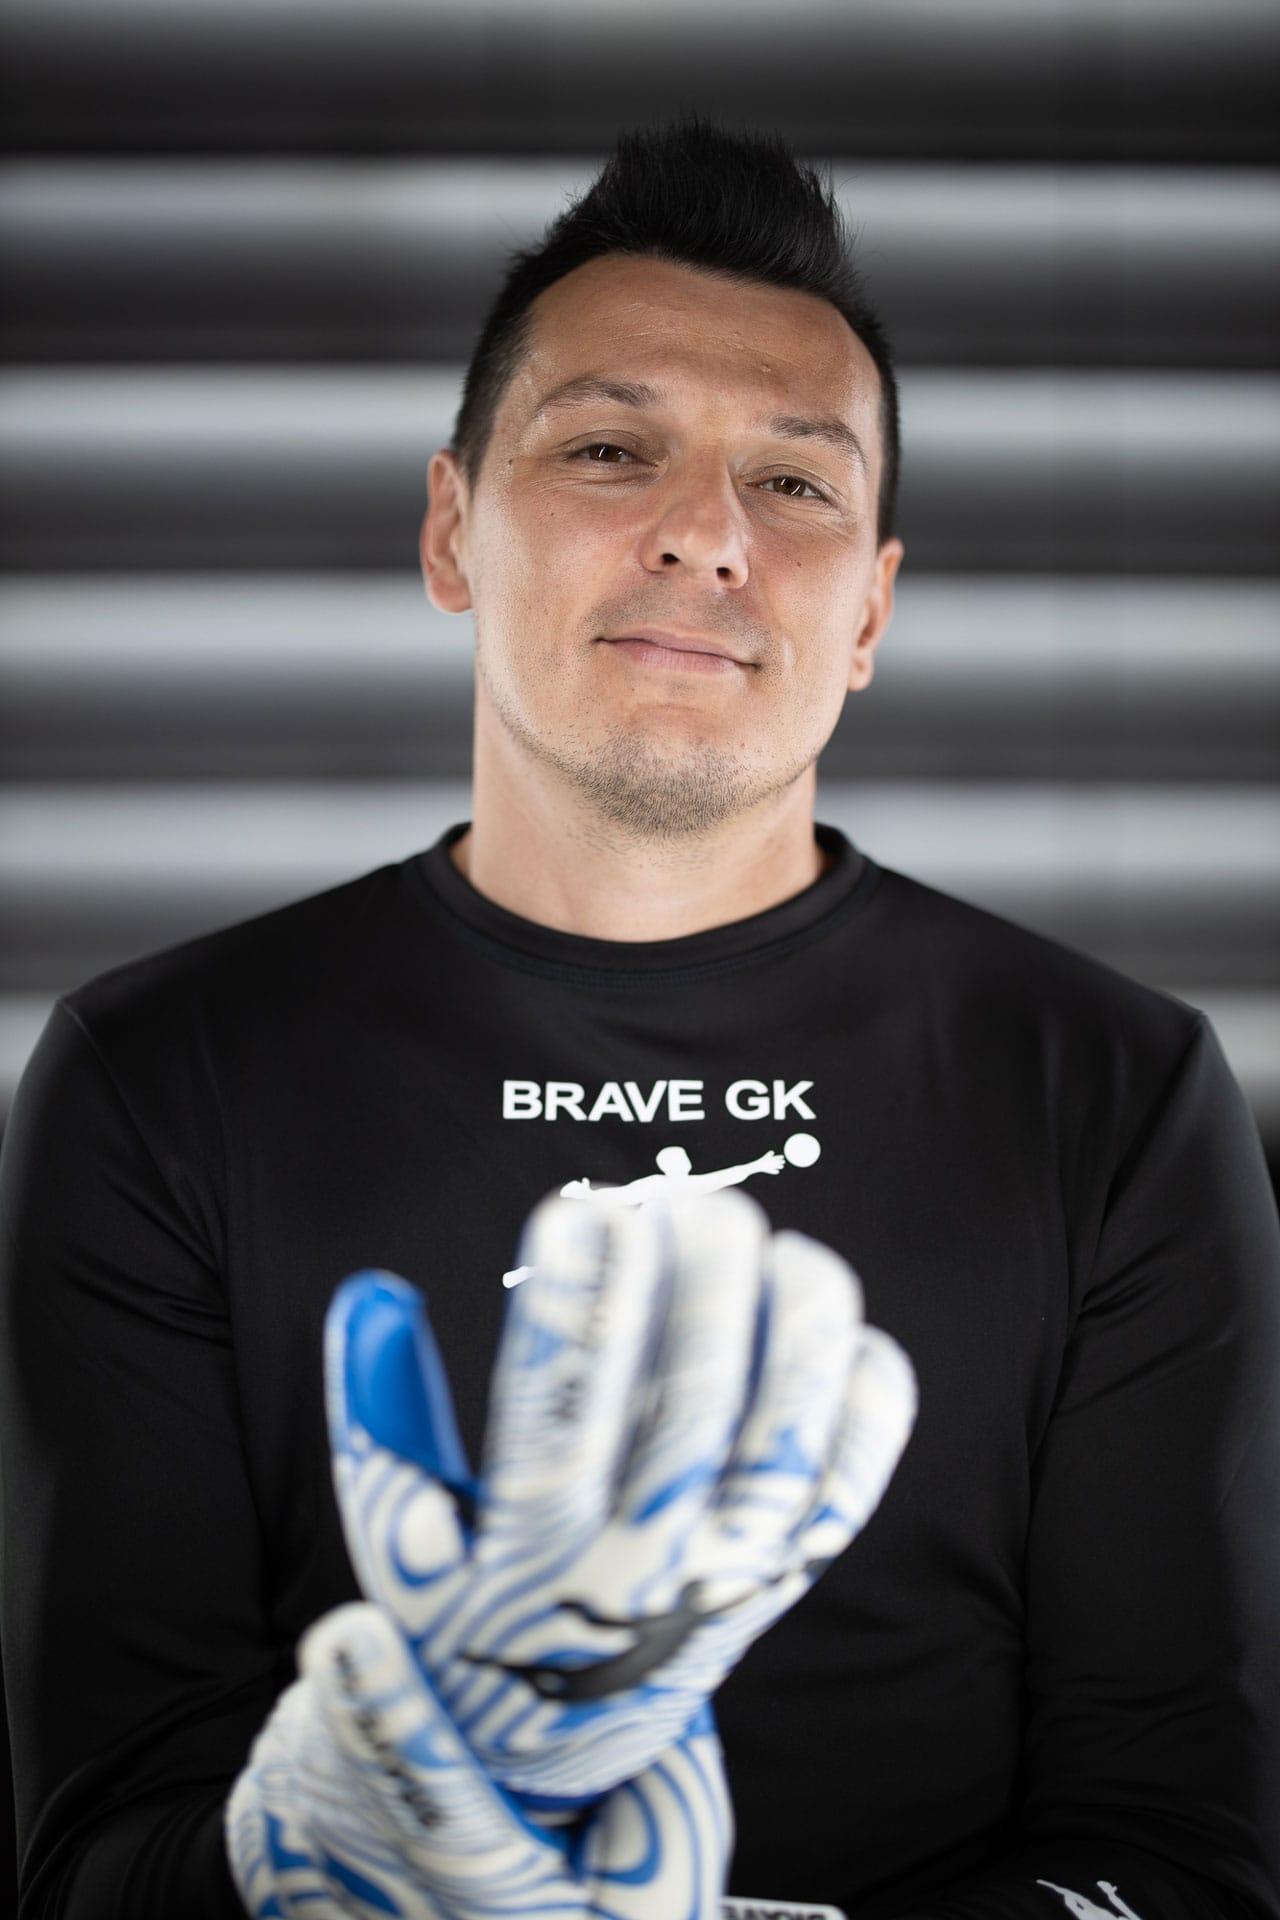 Интервью Худжамова для Brave GK - официальный интернет-магазин Brave GK